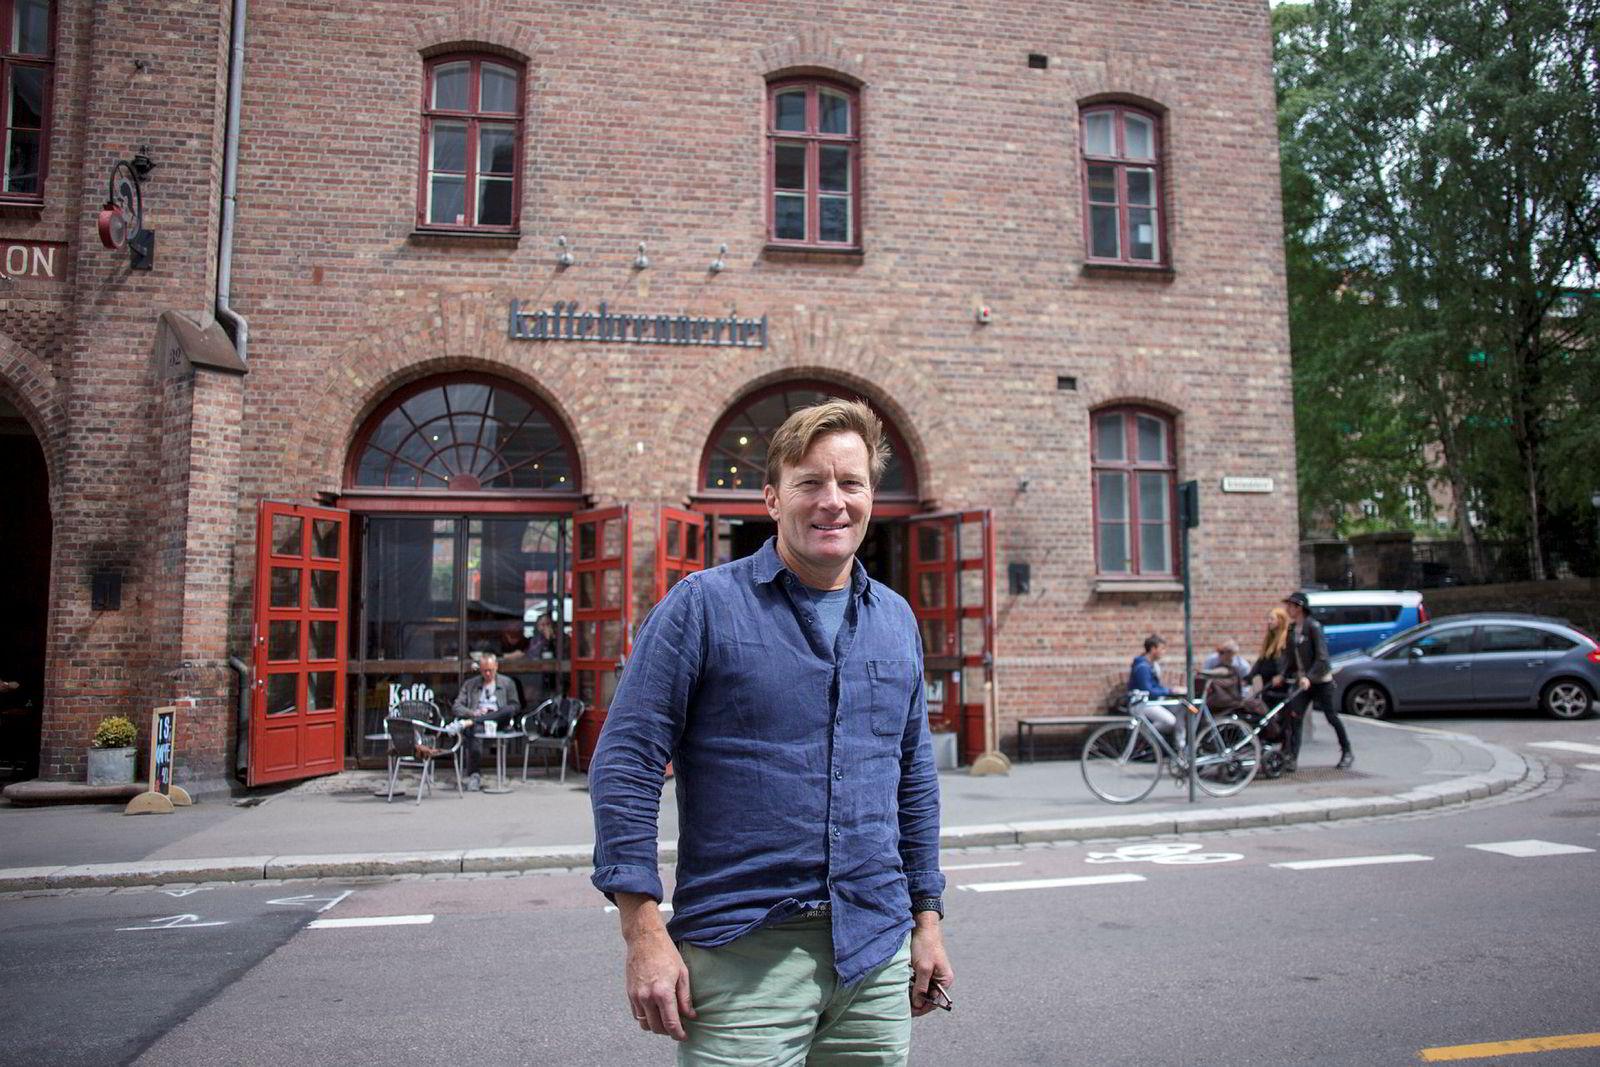 Steinar Paulsrud har etablert 40 utsalg, men vil vokse i det små videre. Her er han avbildet foran Kaffebrenneriet på Grønland.